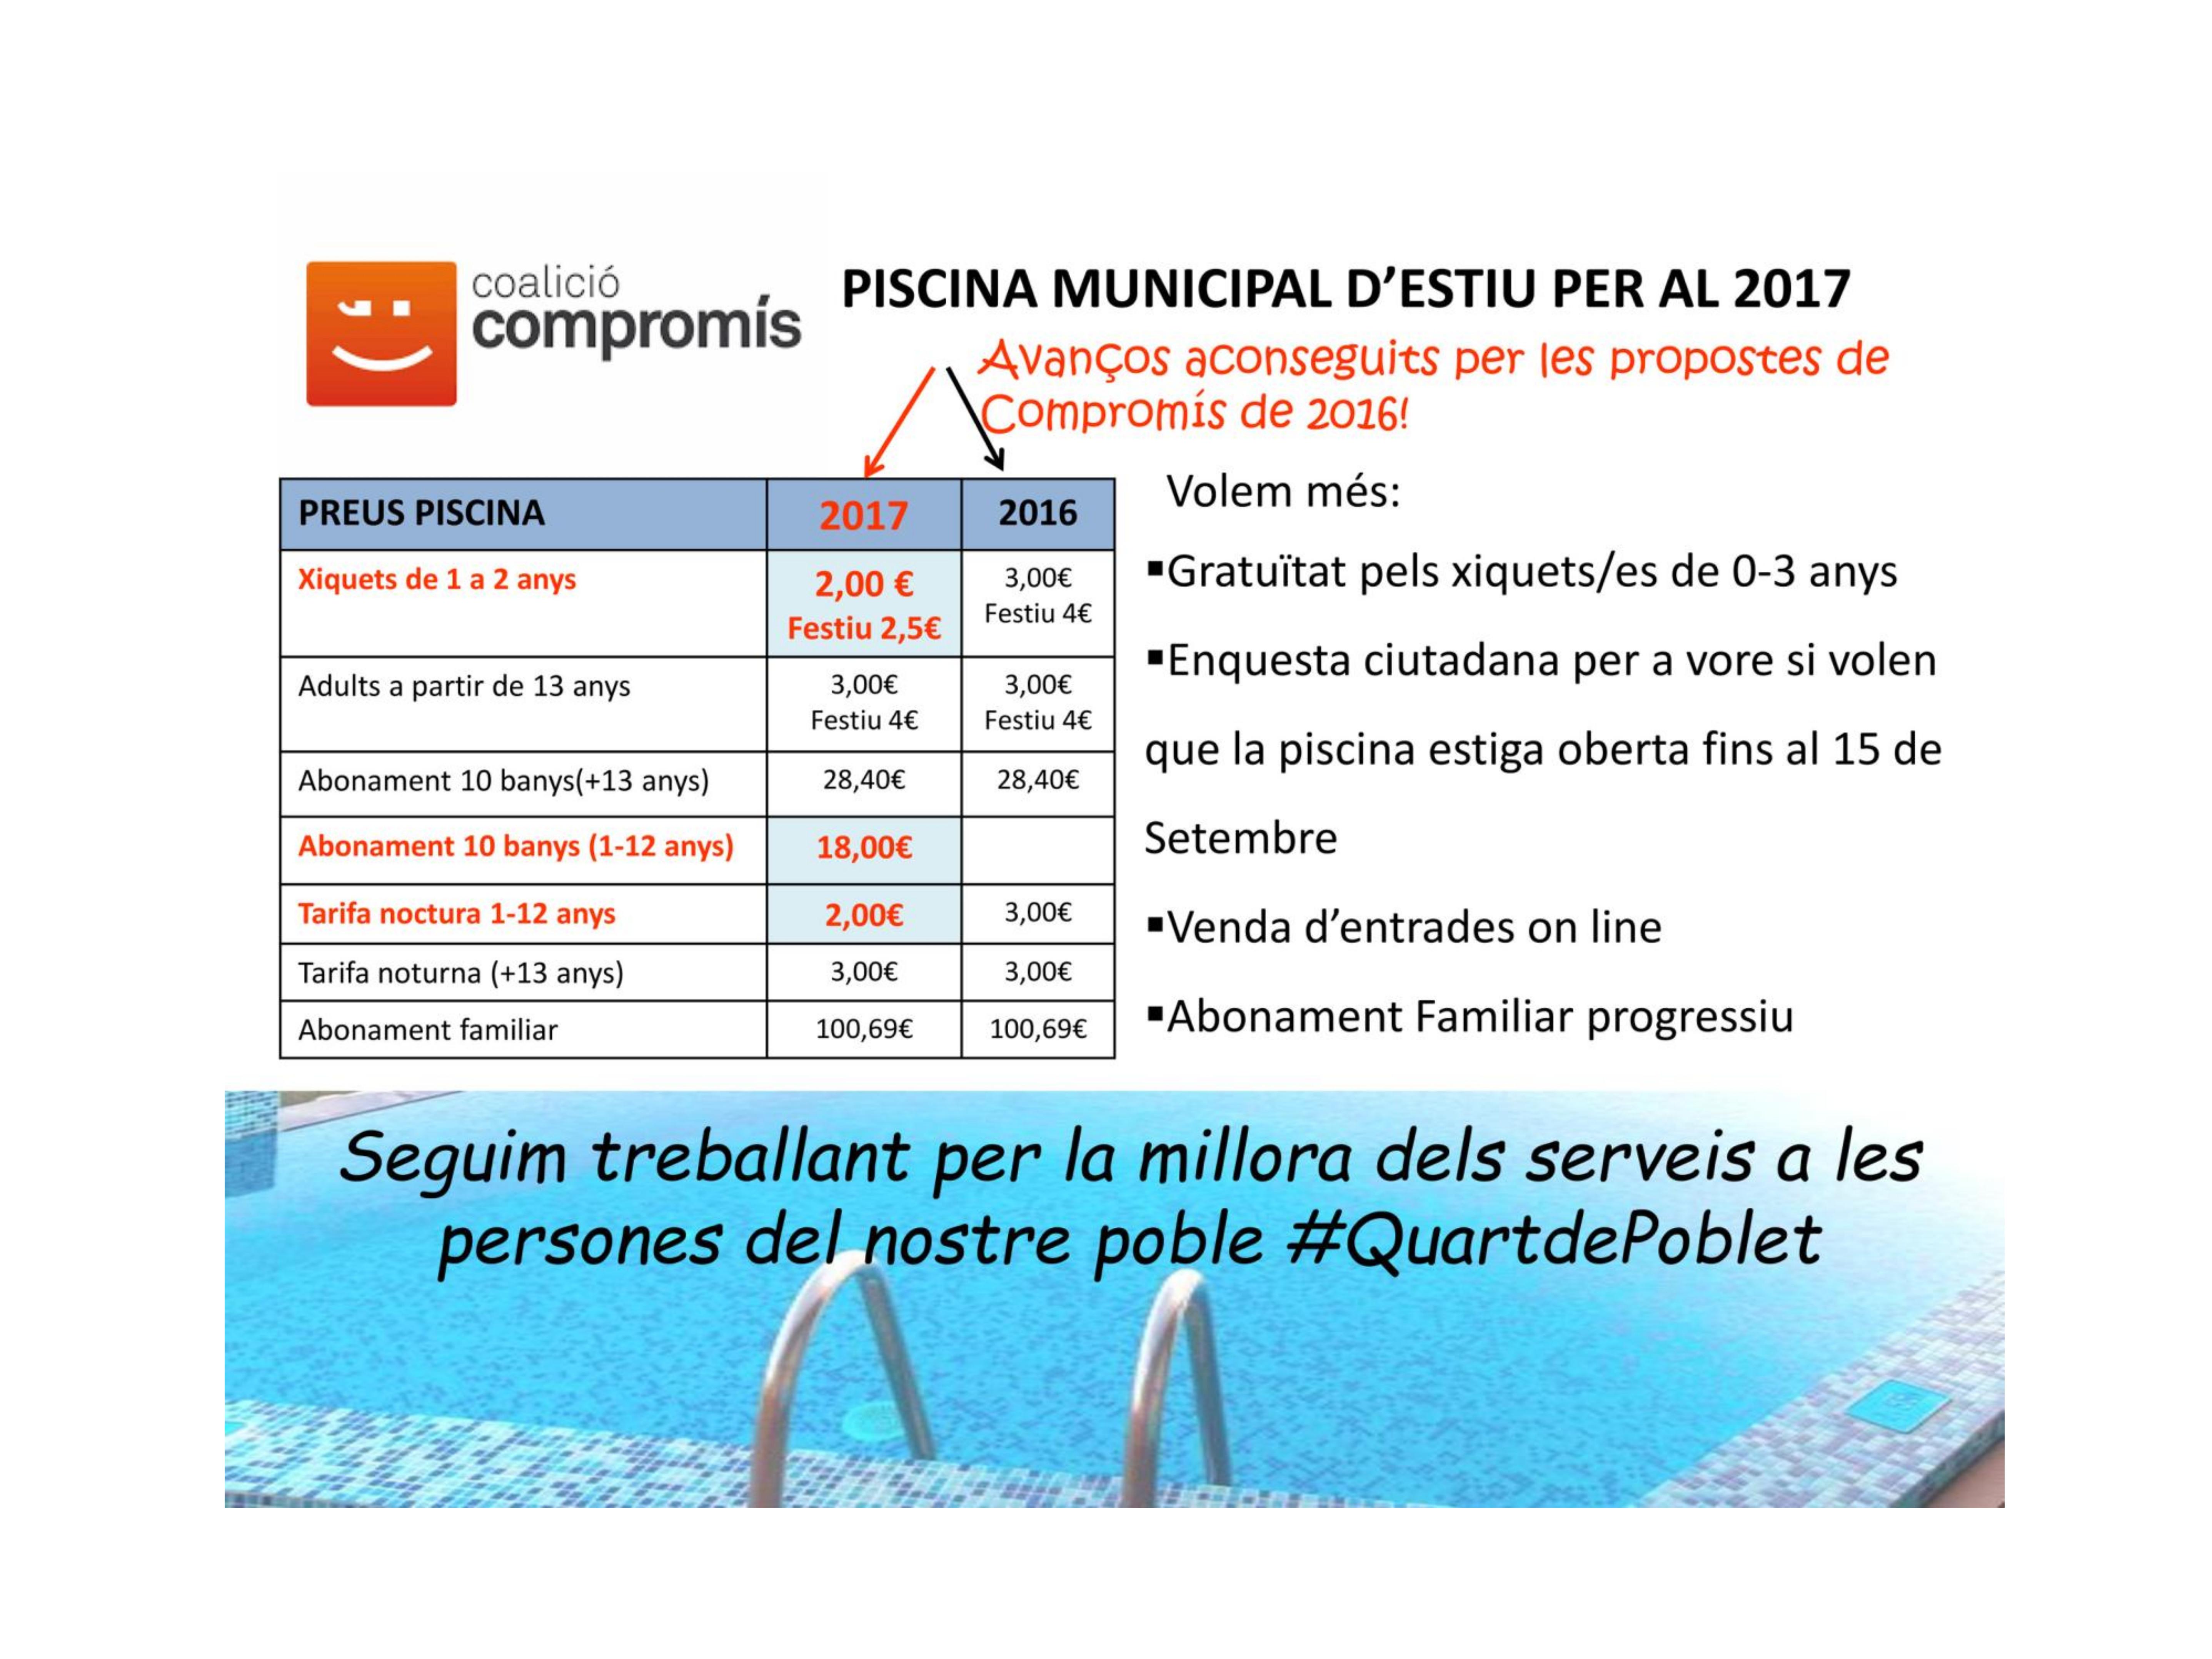 Piscina d estiu tarifes 2017 comprom s per quart de poblet for Piscina quart de poblet cubierta